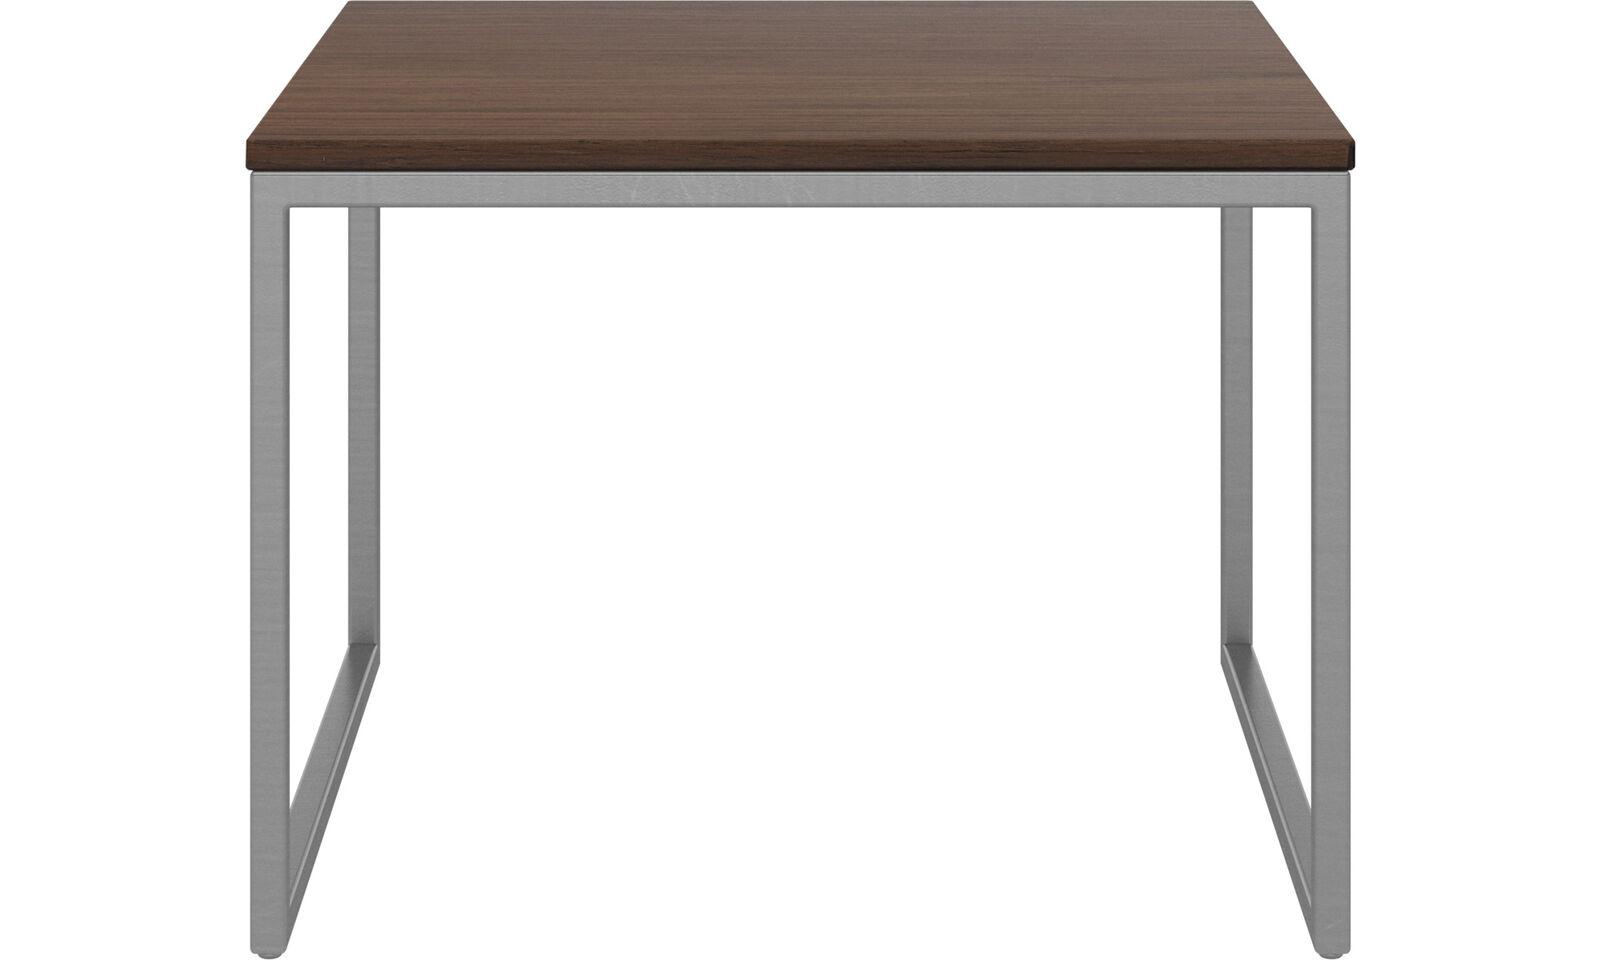 Lugo side table walnut-BRAND NEW